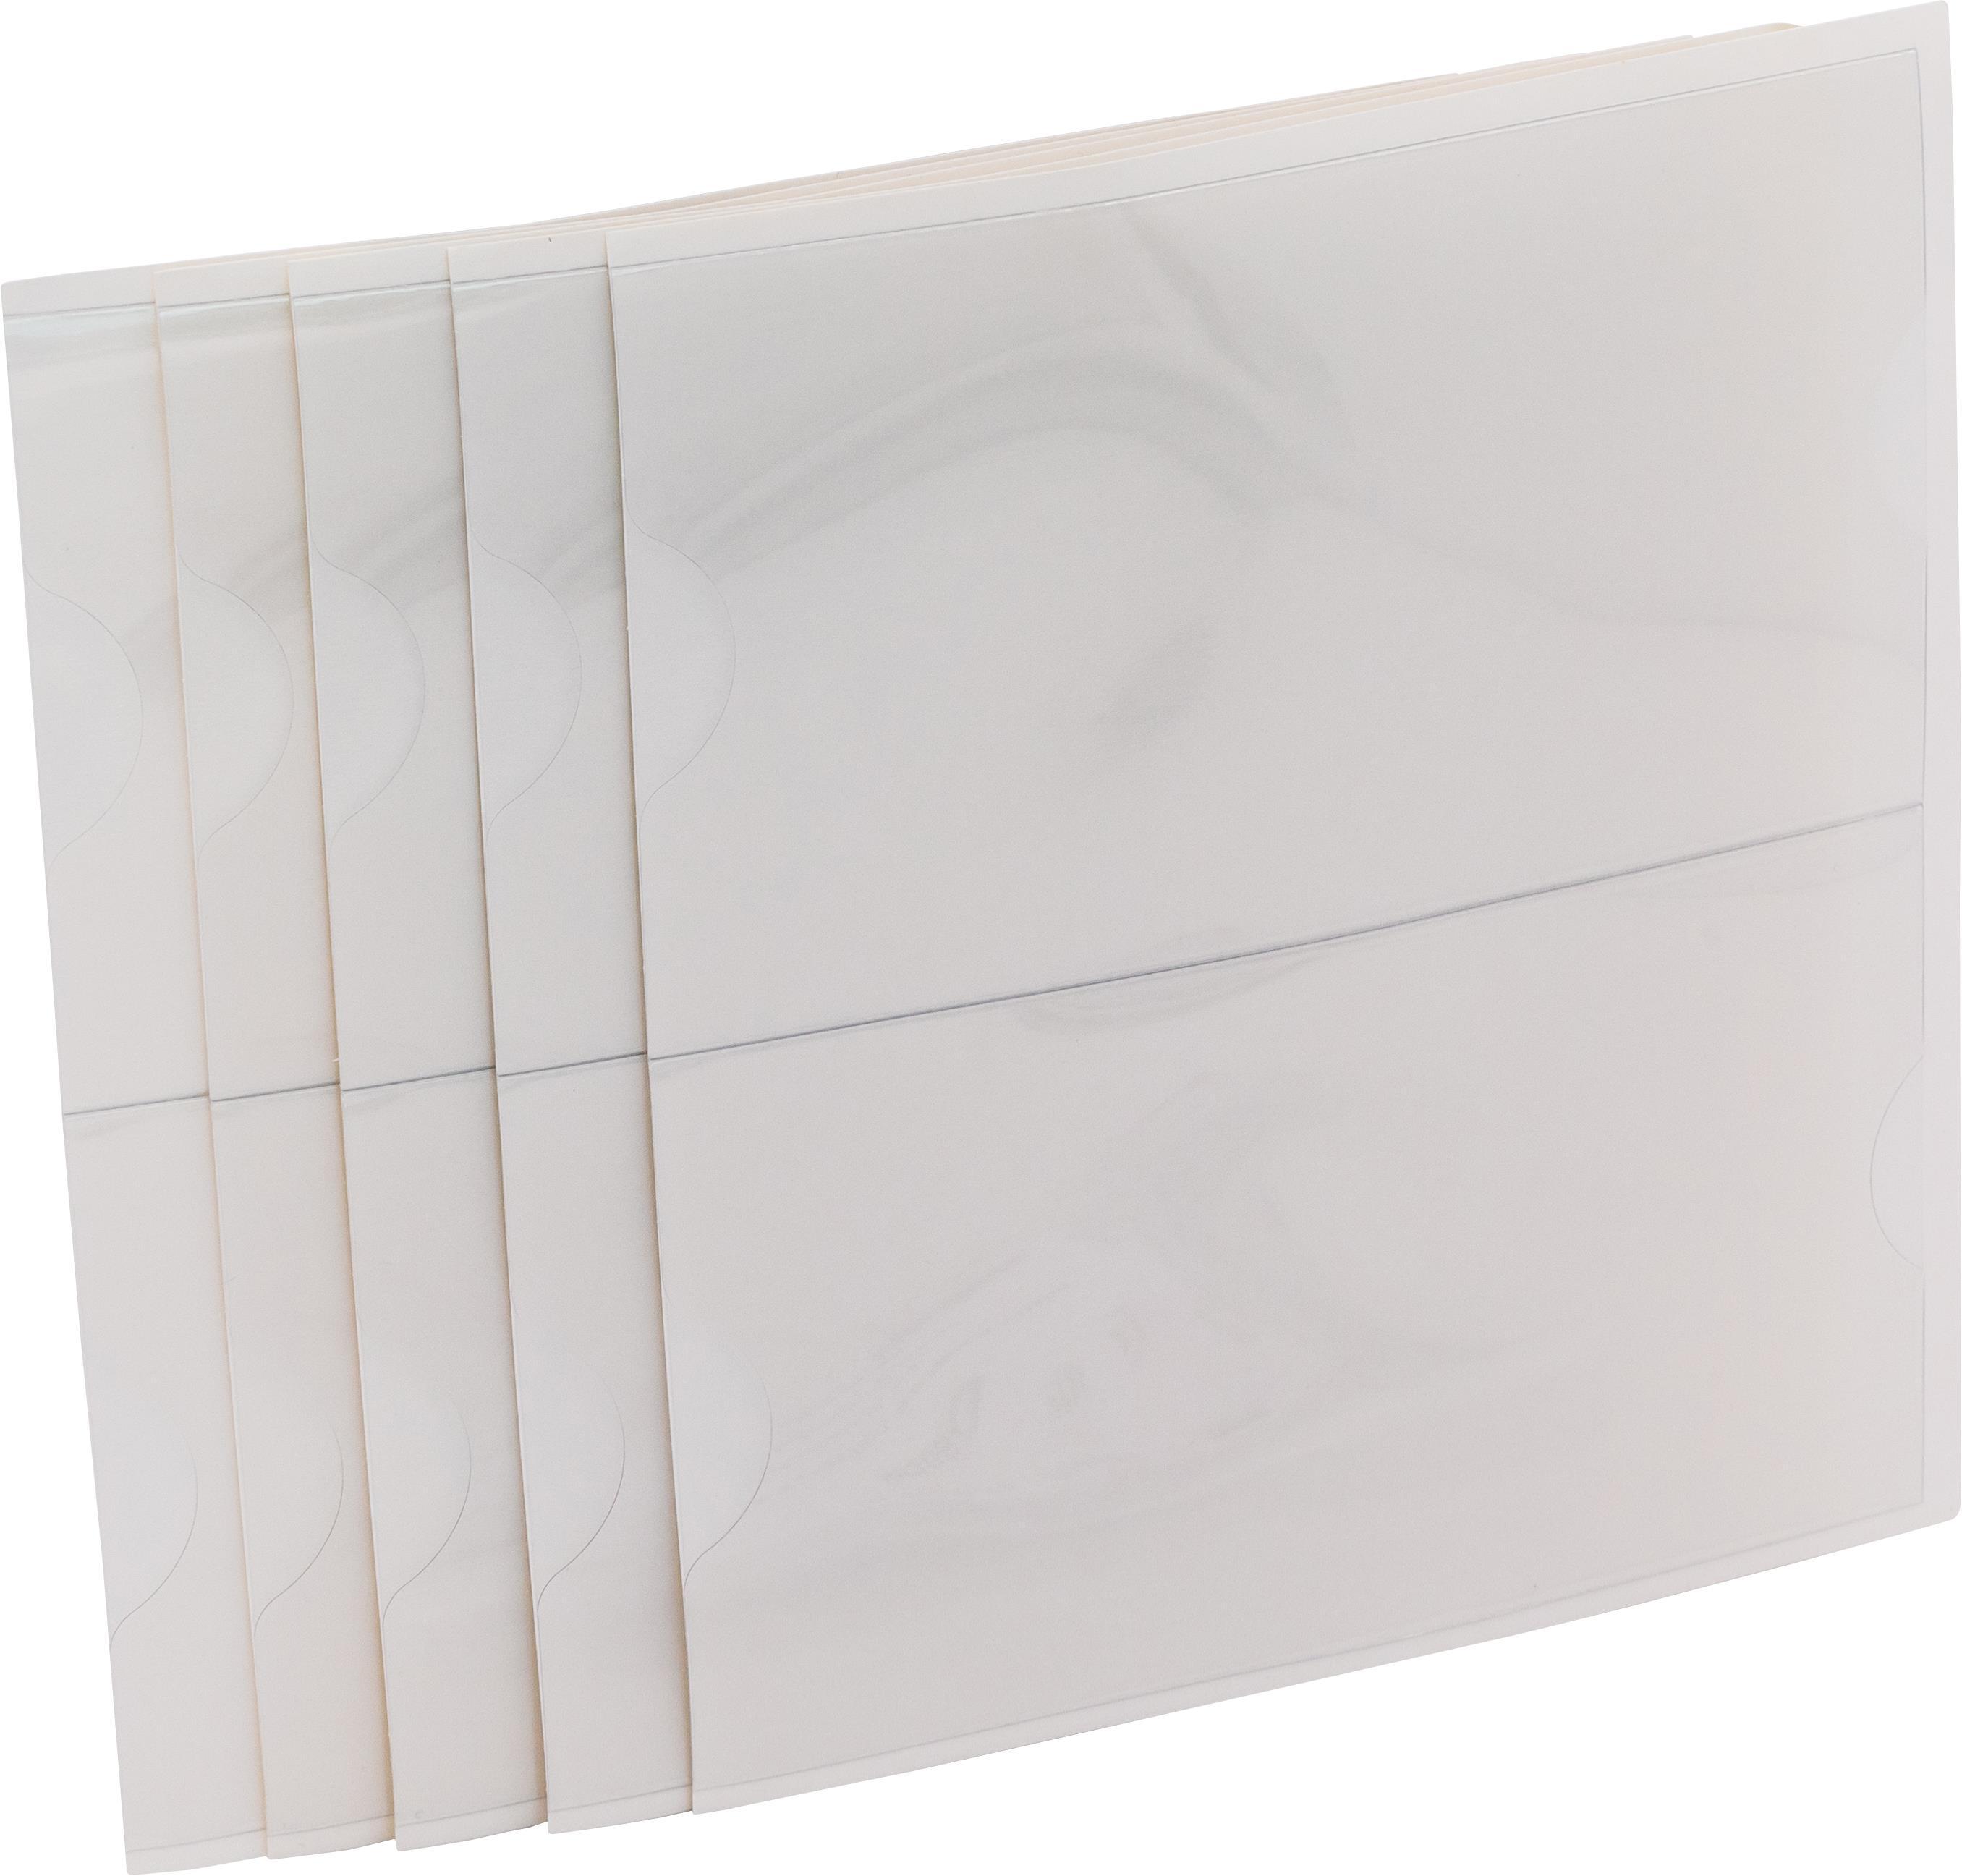 Wechseltasche für Rückenschild 952300, selbstkl., Kunstst.